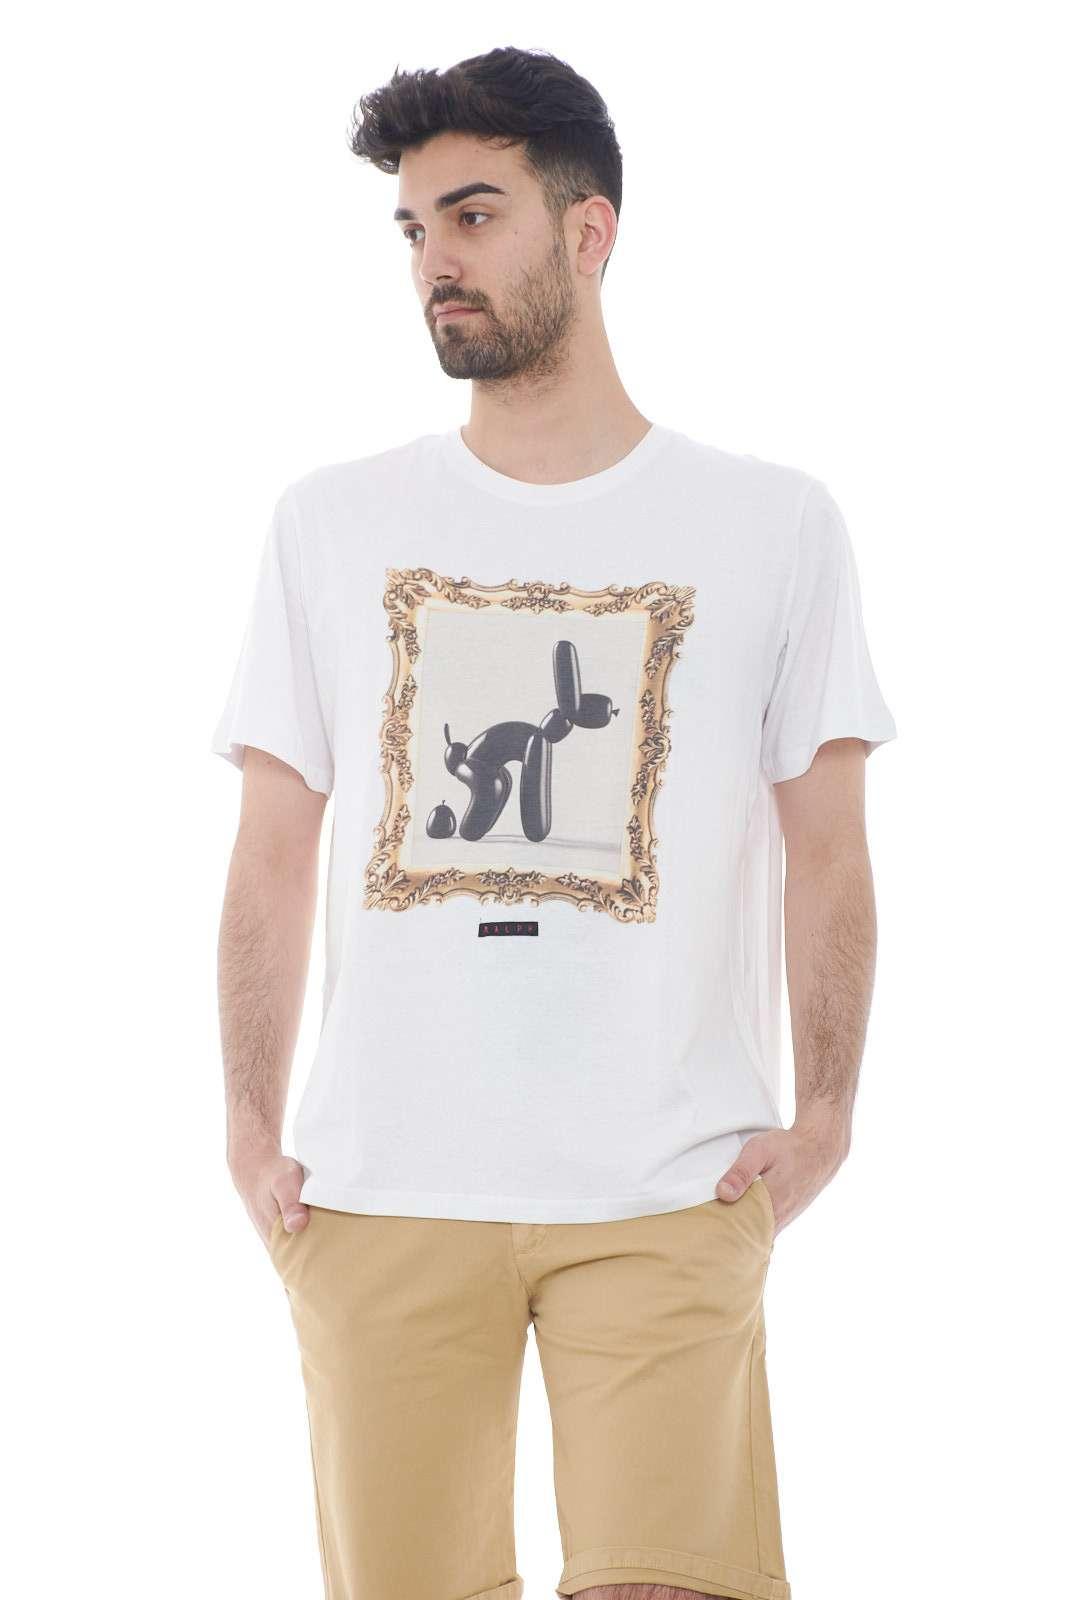 Una stampa dal tocco vintage quella proposta dalla collezione Malph. Da abbinare con un jeans o con un bermuda è un capo essenziale e versatile. Da abbinare ad una giacca o ad un bermuda dona un tocco unico.